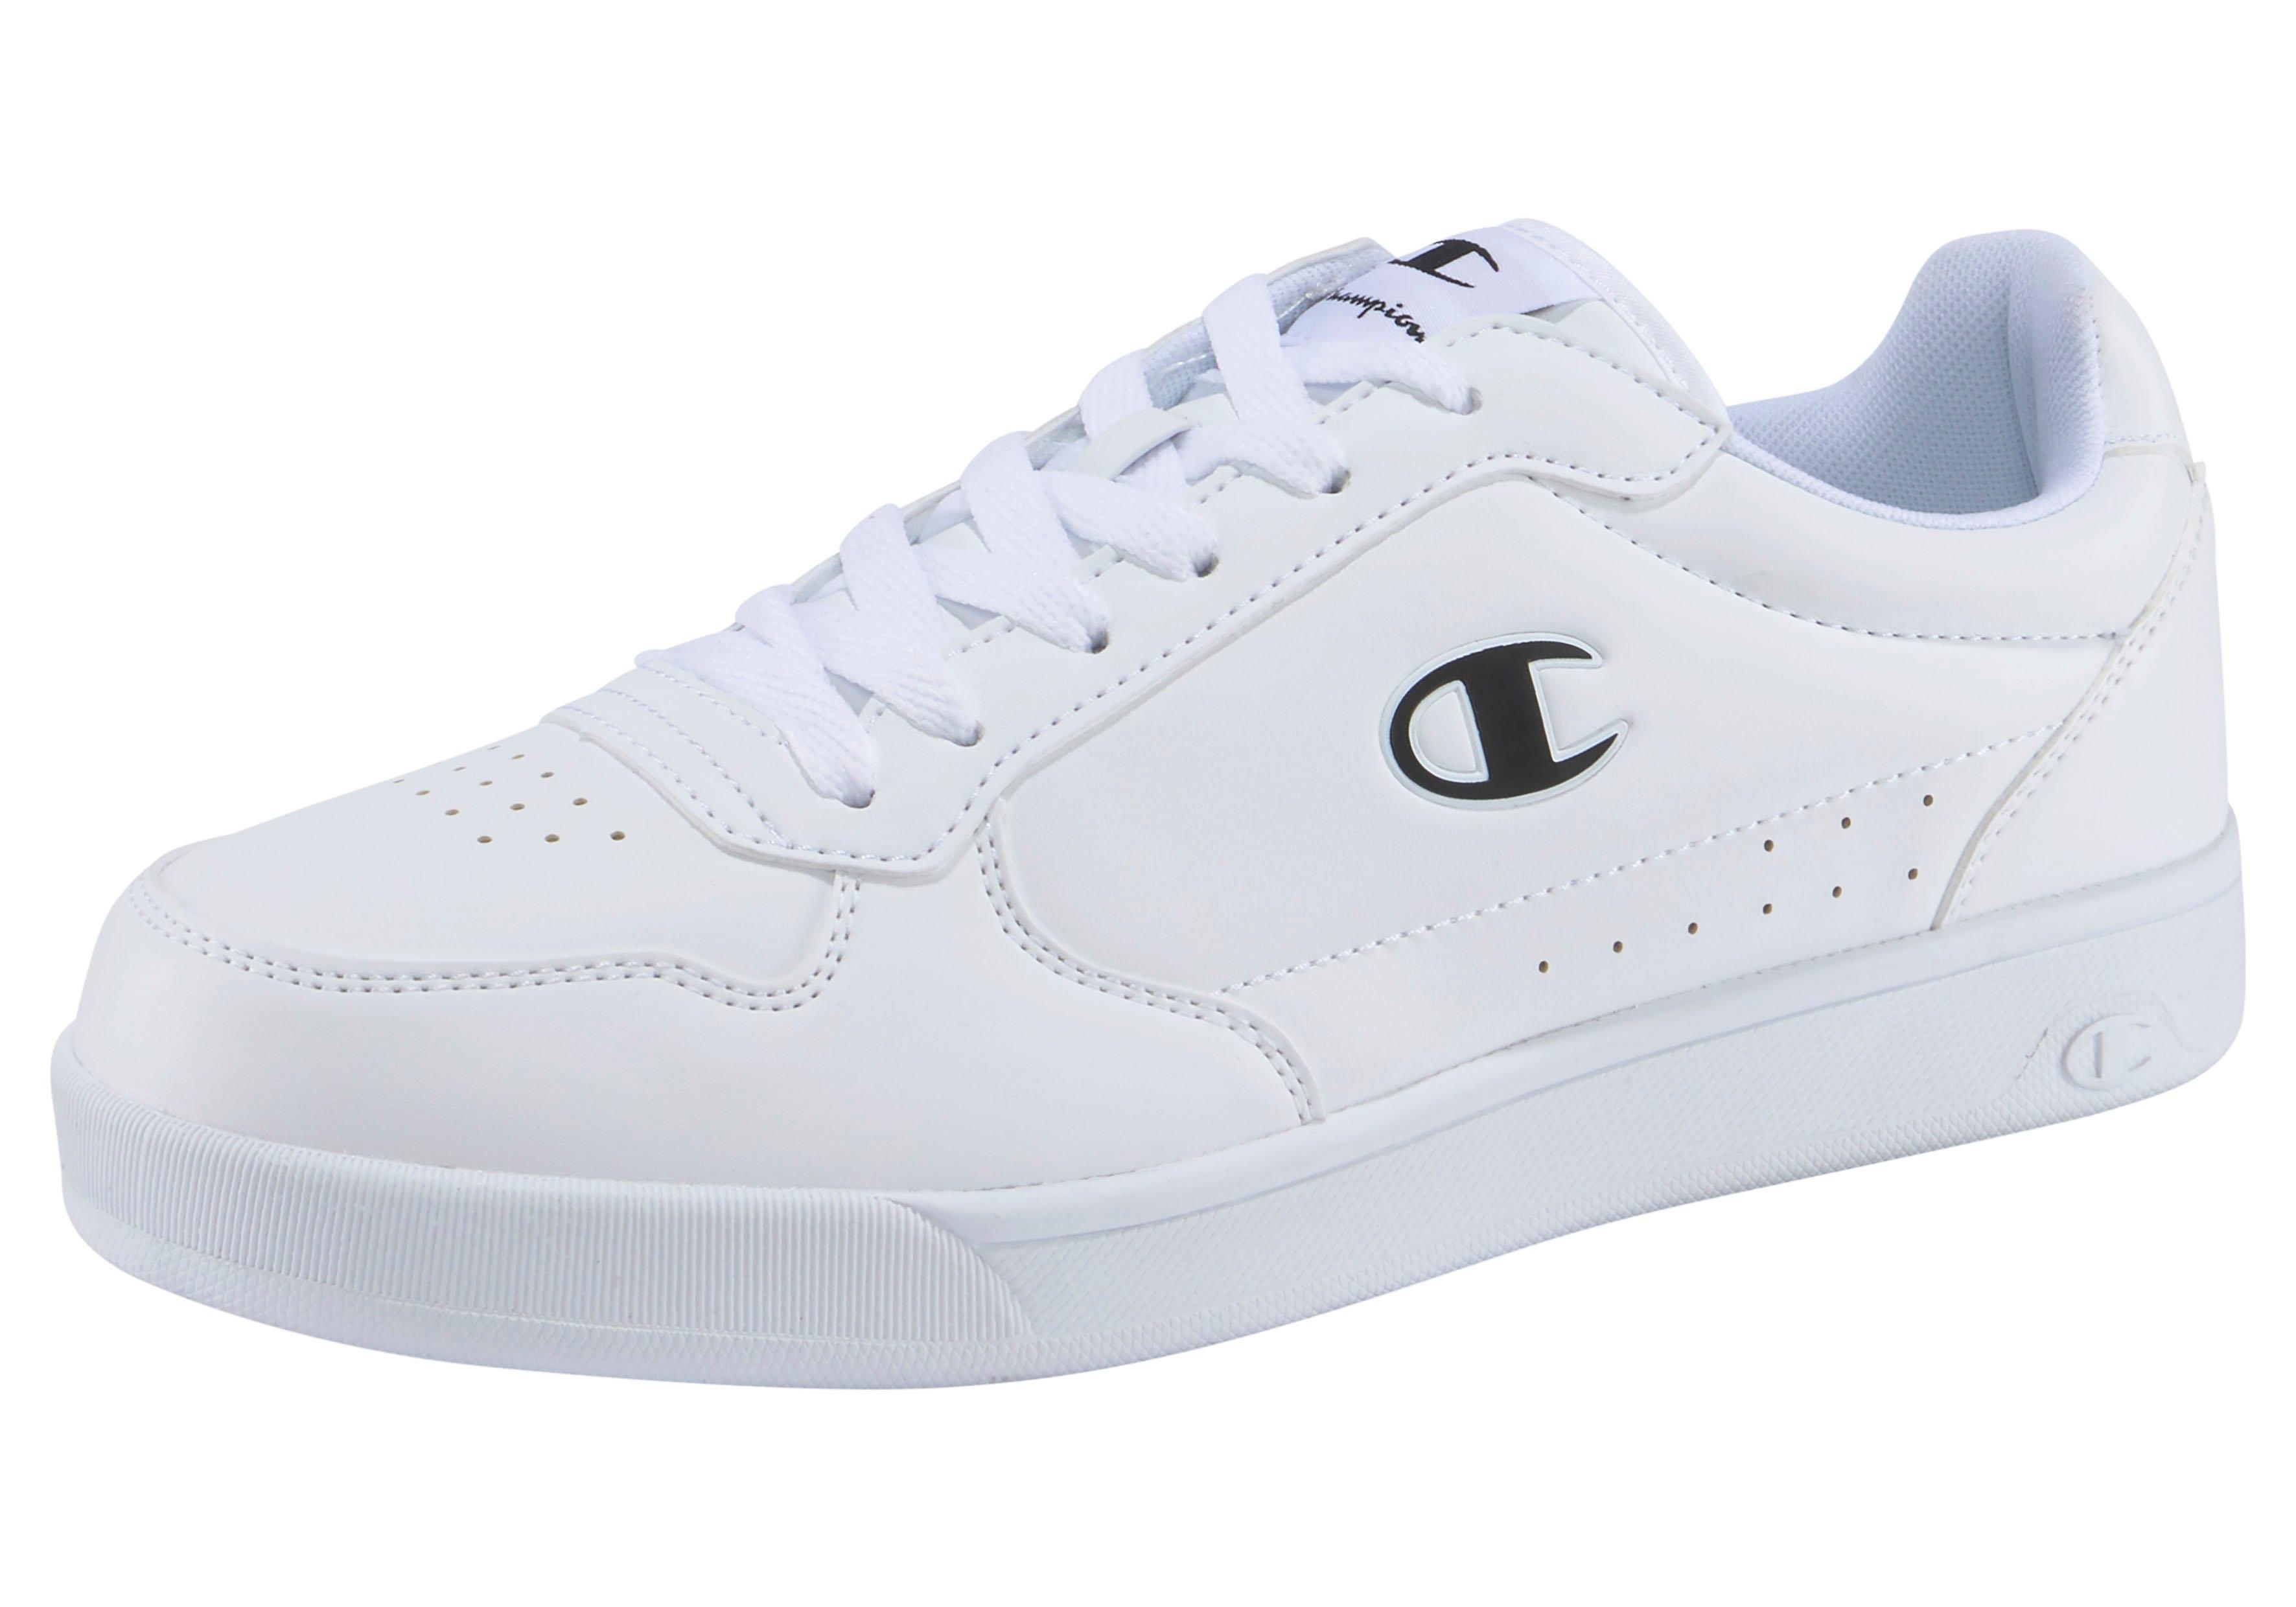 Op zoek naar een Champion sneakers NEW COURT 2.0? Koop online bij OTTO